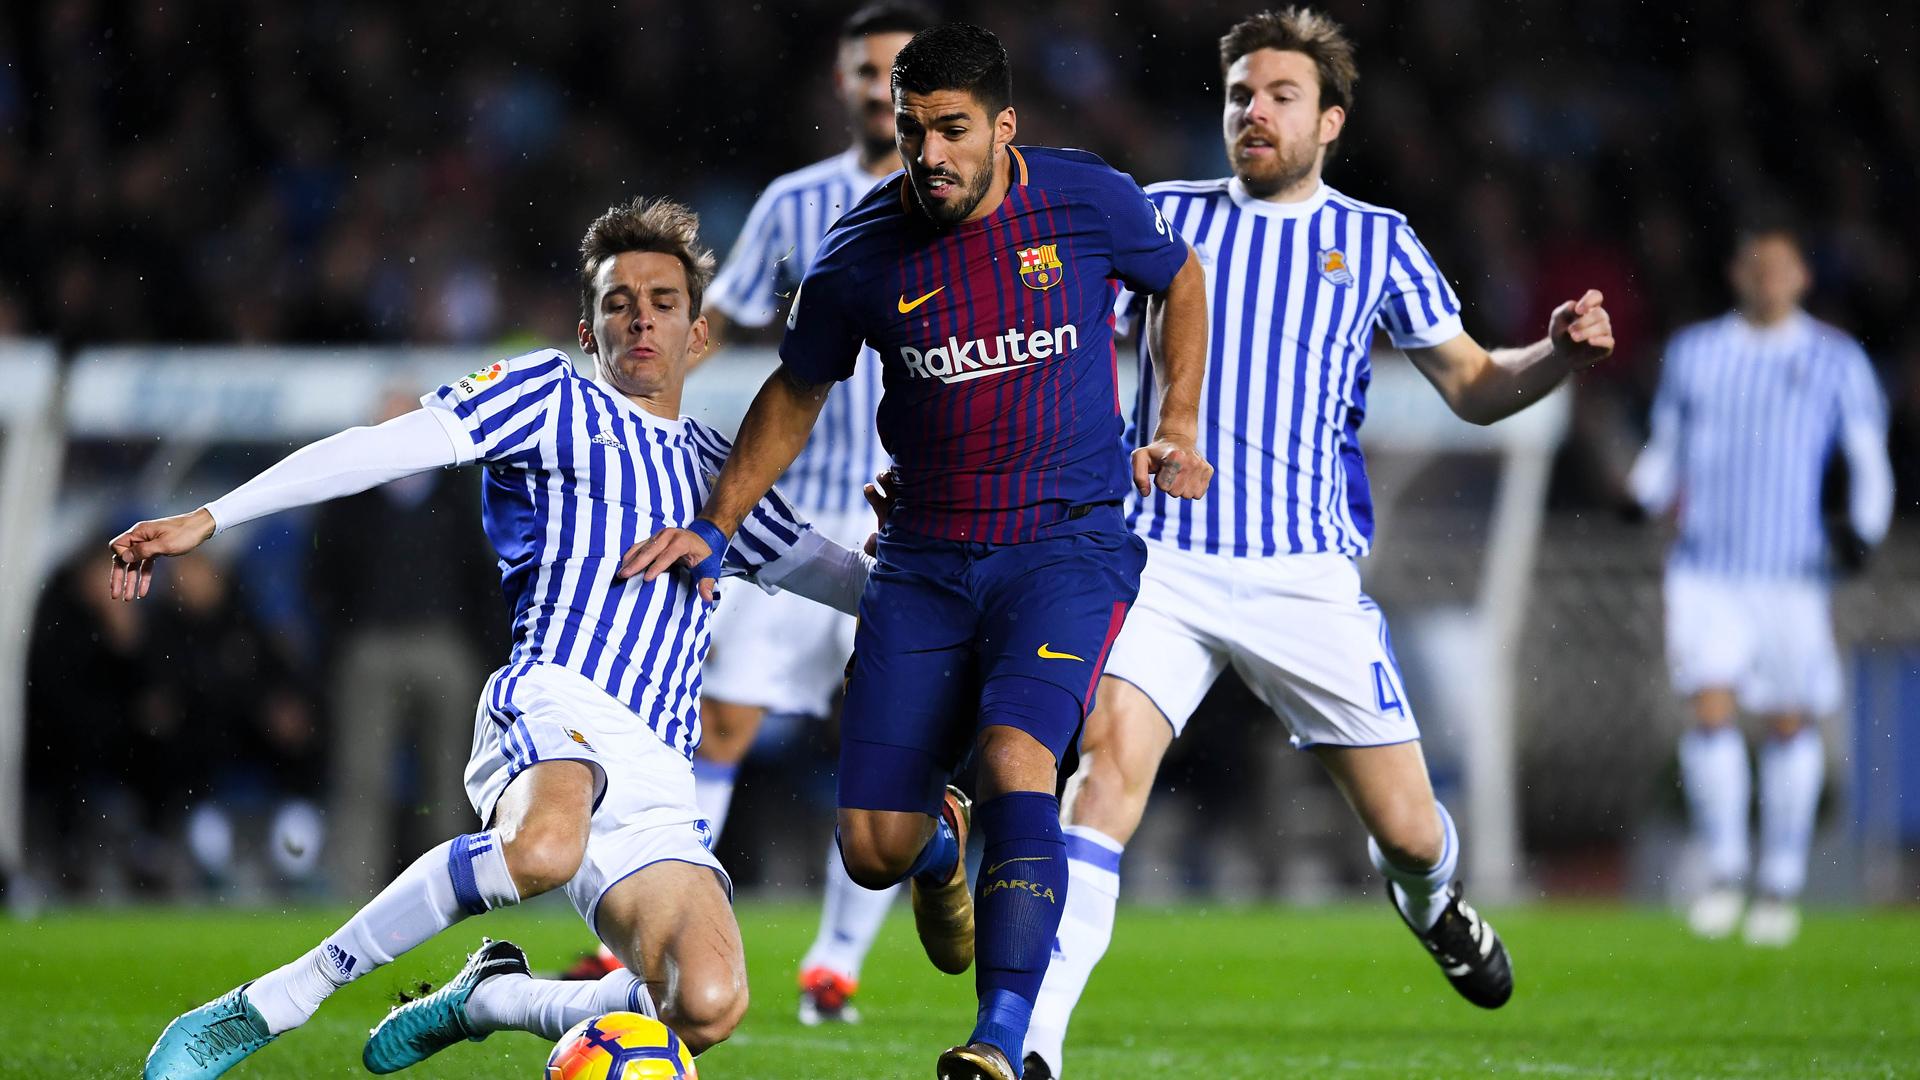 Real Sociedad Barcelona Luis Suarez Diego Llorente 14012018